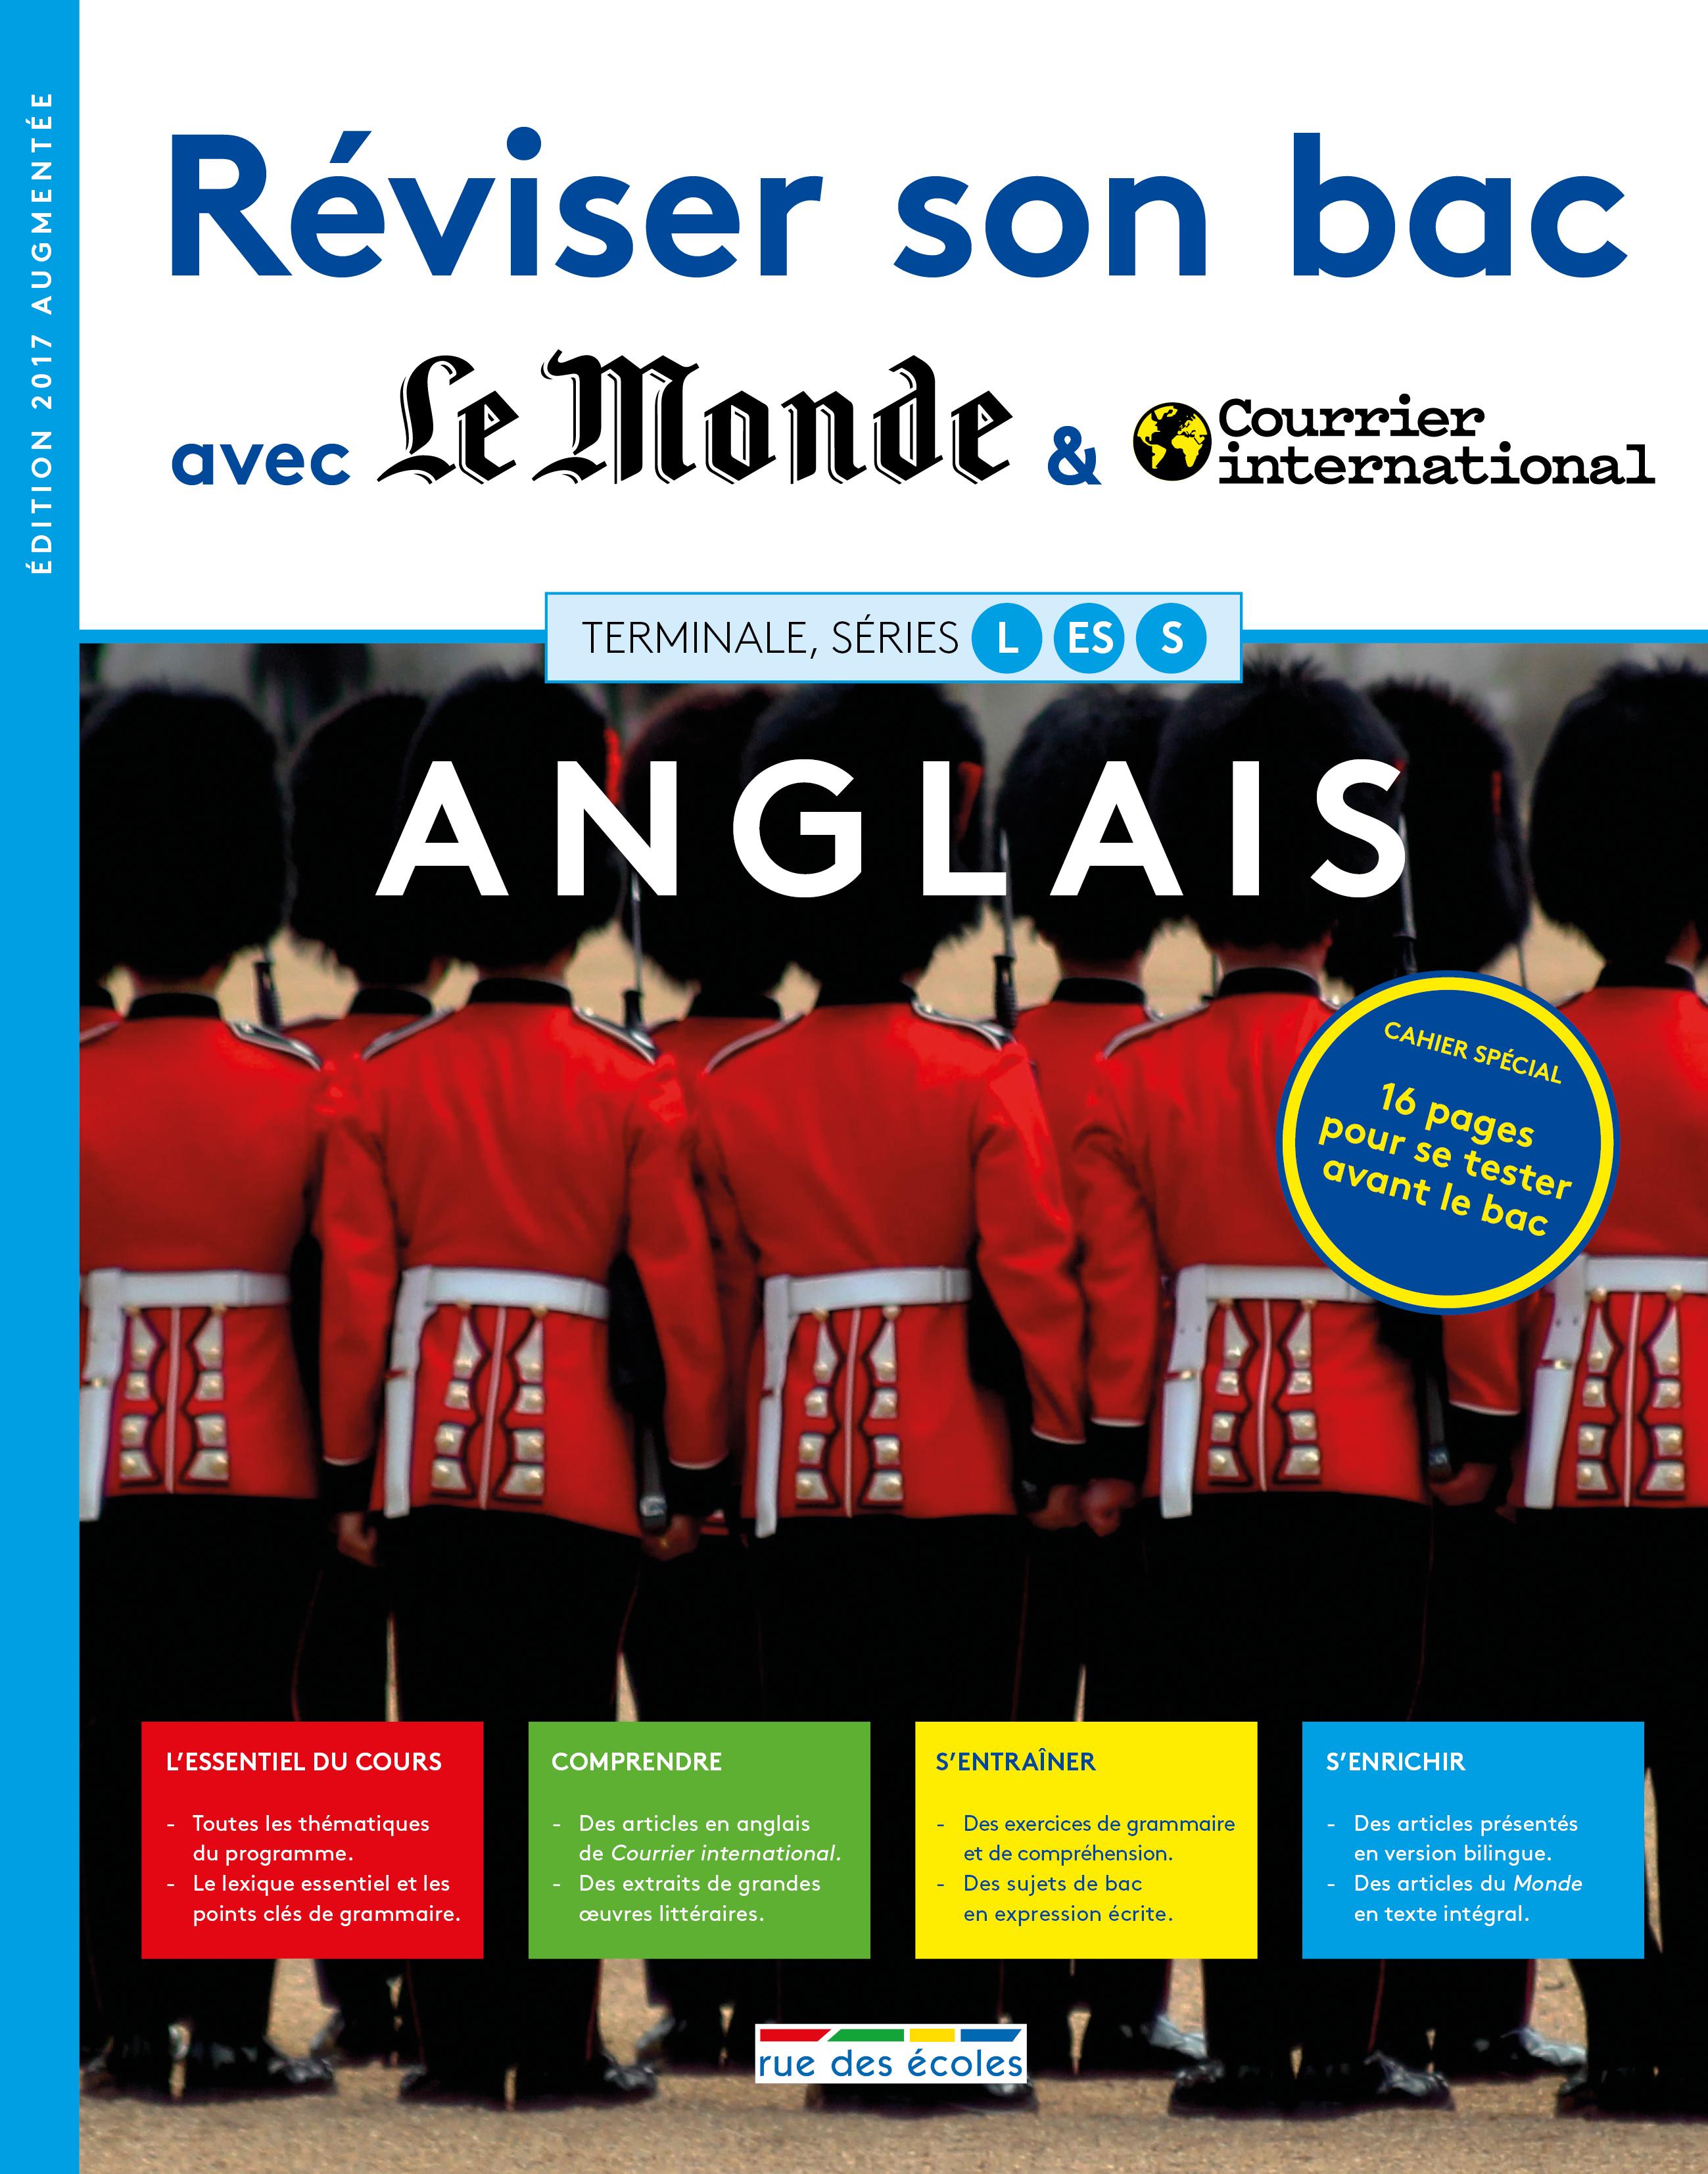 REVISER SON BAC AVEC LE MONDE ANGLAIS TERMINALE L ES S 2017 EDITION AUGMENTEE